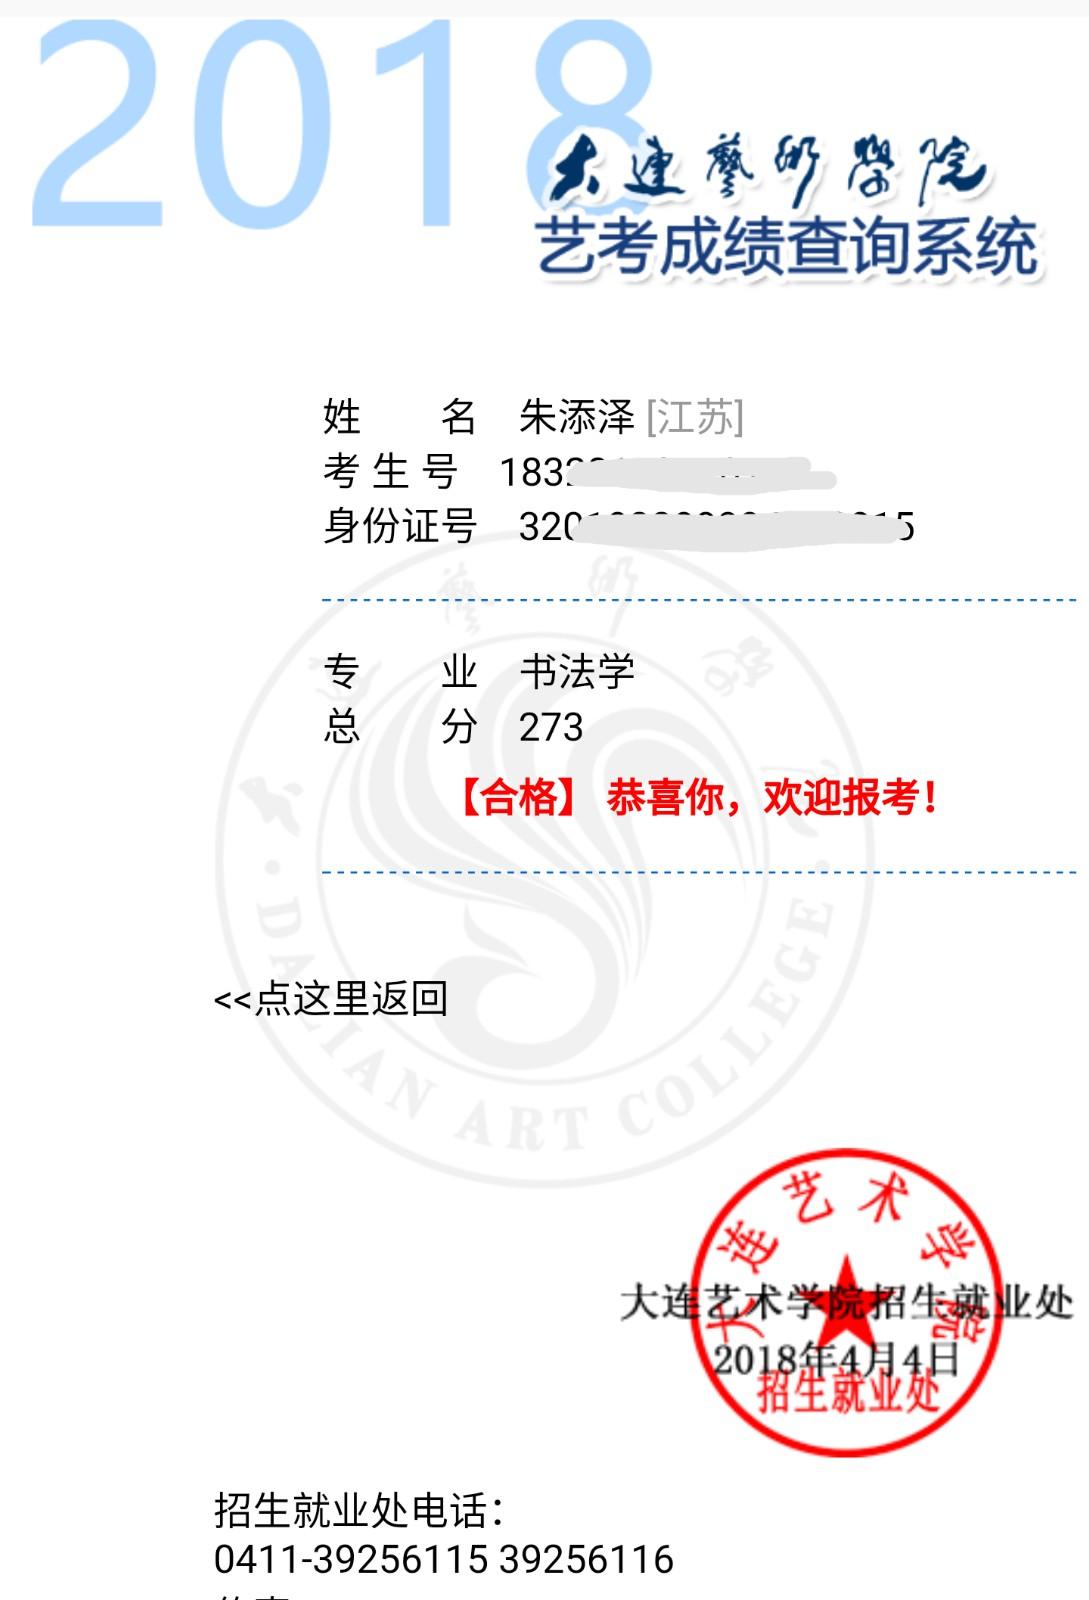 2018高考成绩